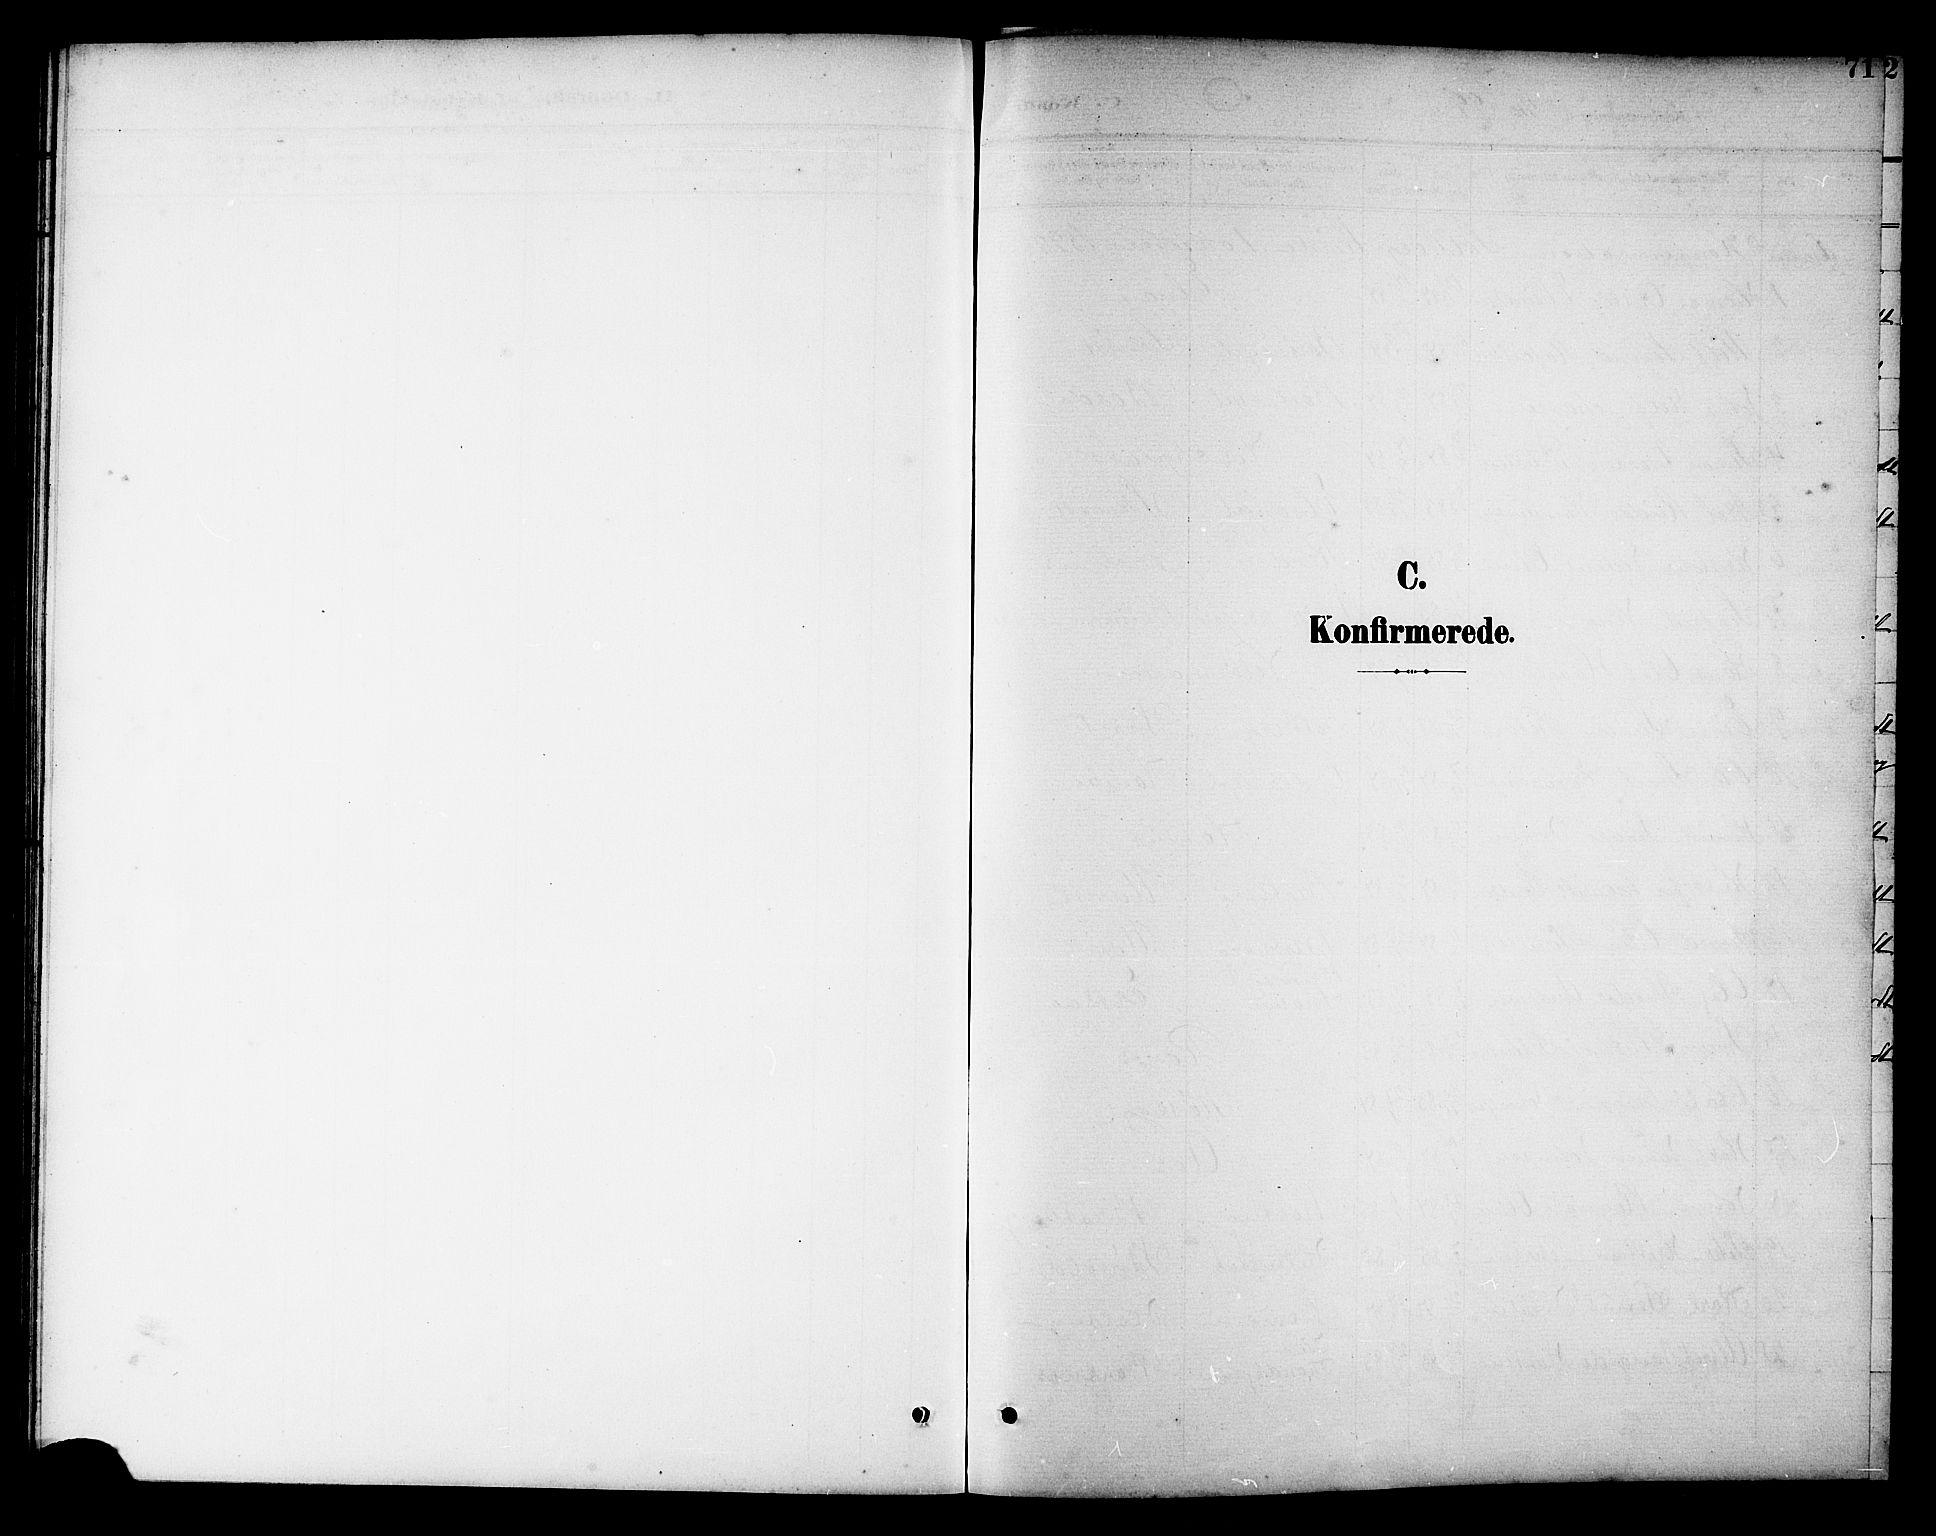 SAT, Ministerialprotokoller, klokkerbøker og fødselsregistre - Nord-Trøndelag, 741/L0401: Klokkerbok nr. 741C02, 1899-1911, s. 71